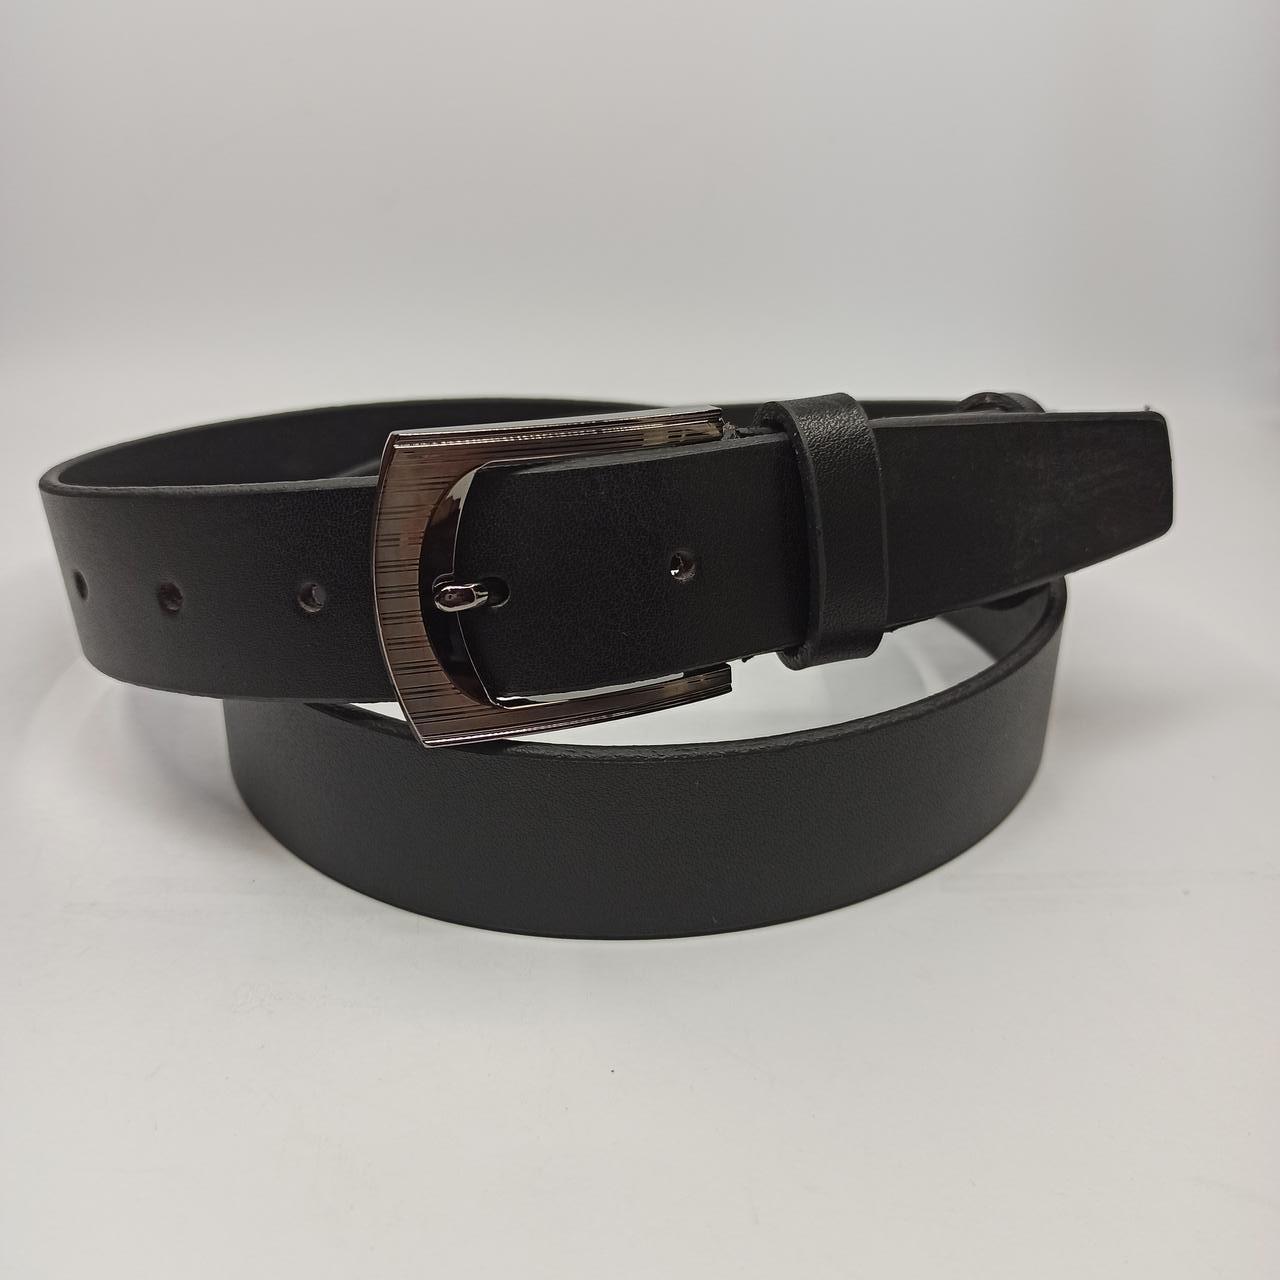 Мужской кожаный брючный ремень с классической пряжкой L042